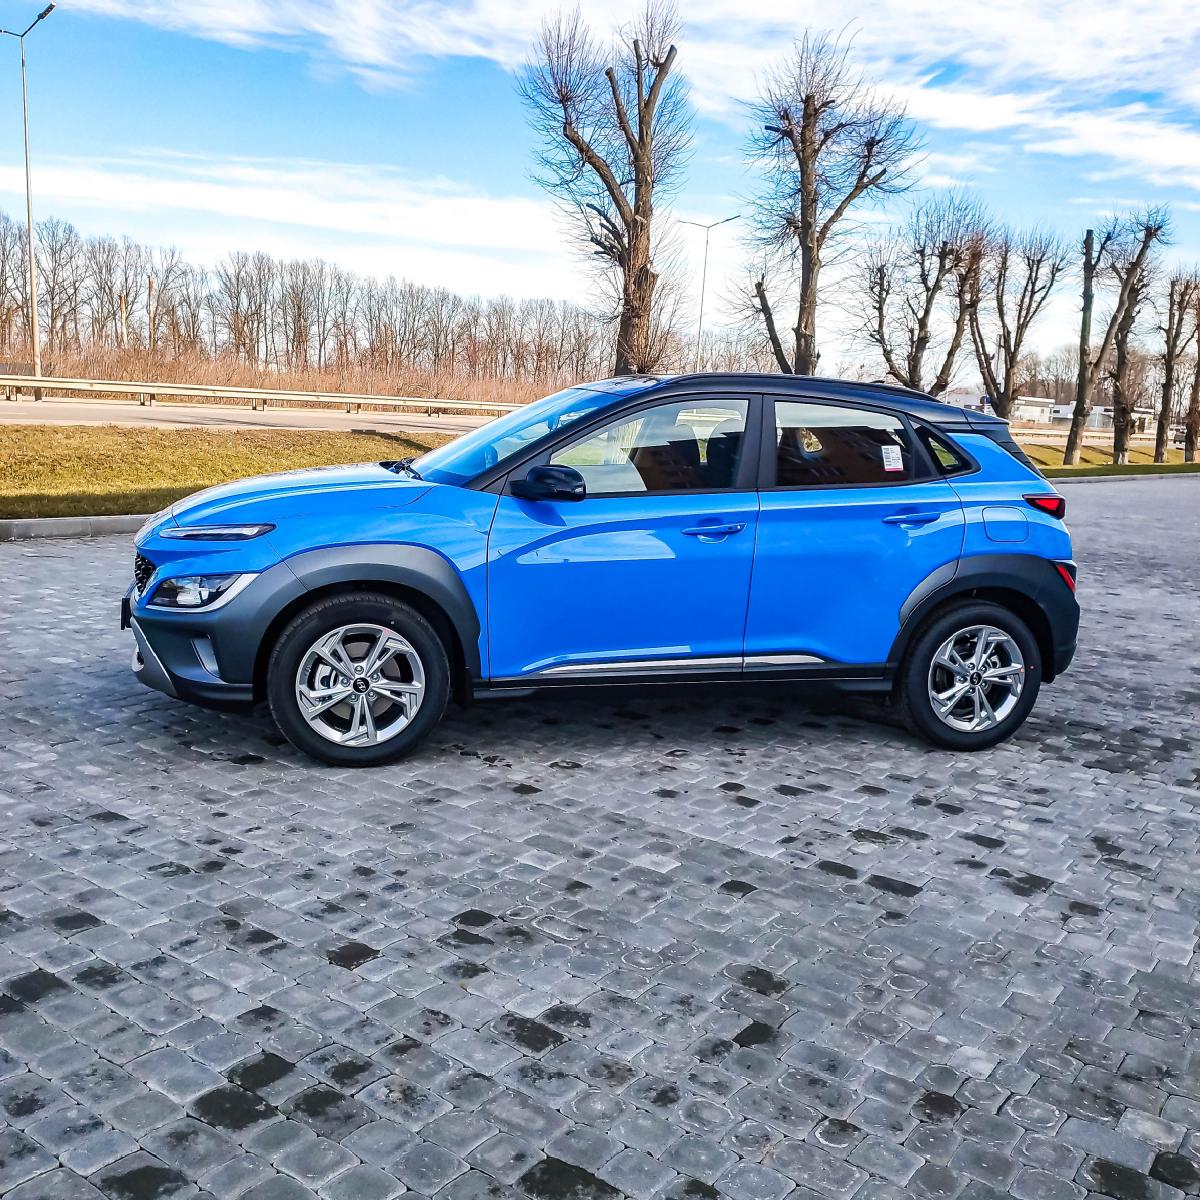 Надзвичайний автомобіль з незвичайним кольором! | Хюндай Мотор Україна - фото 15